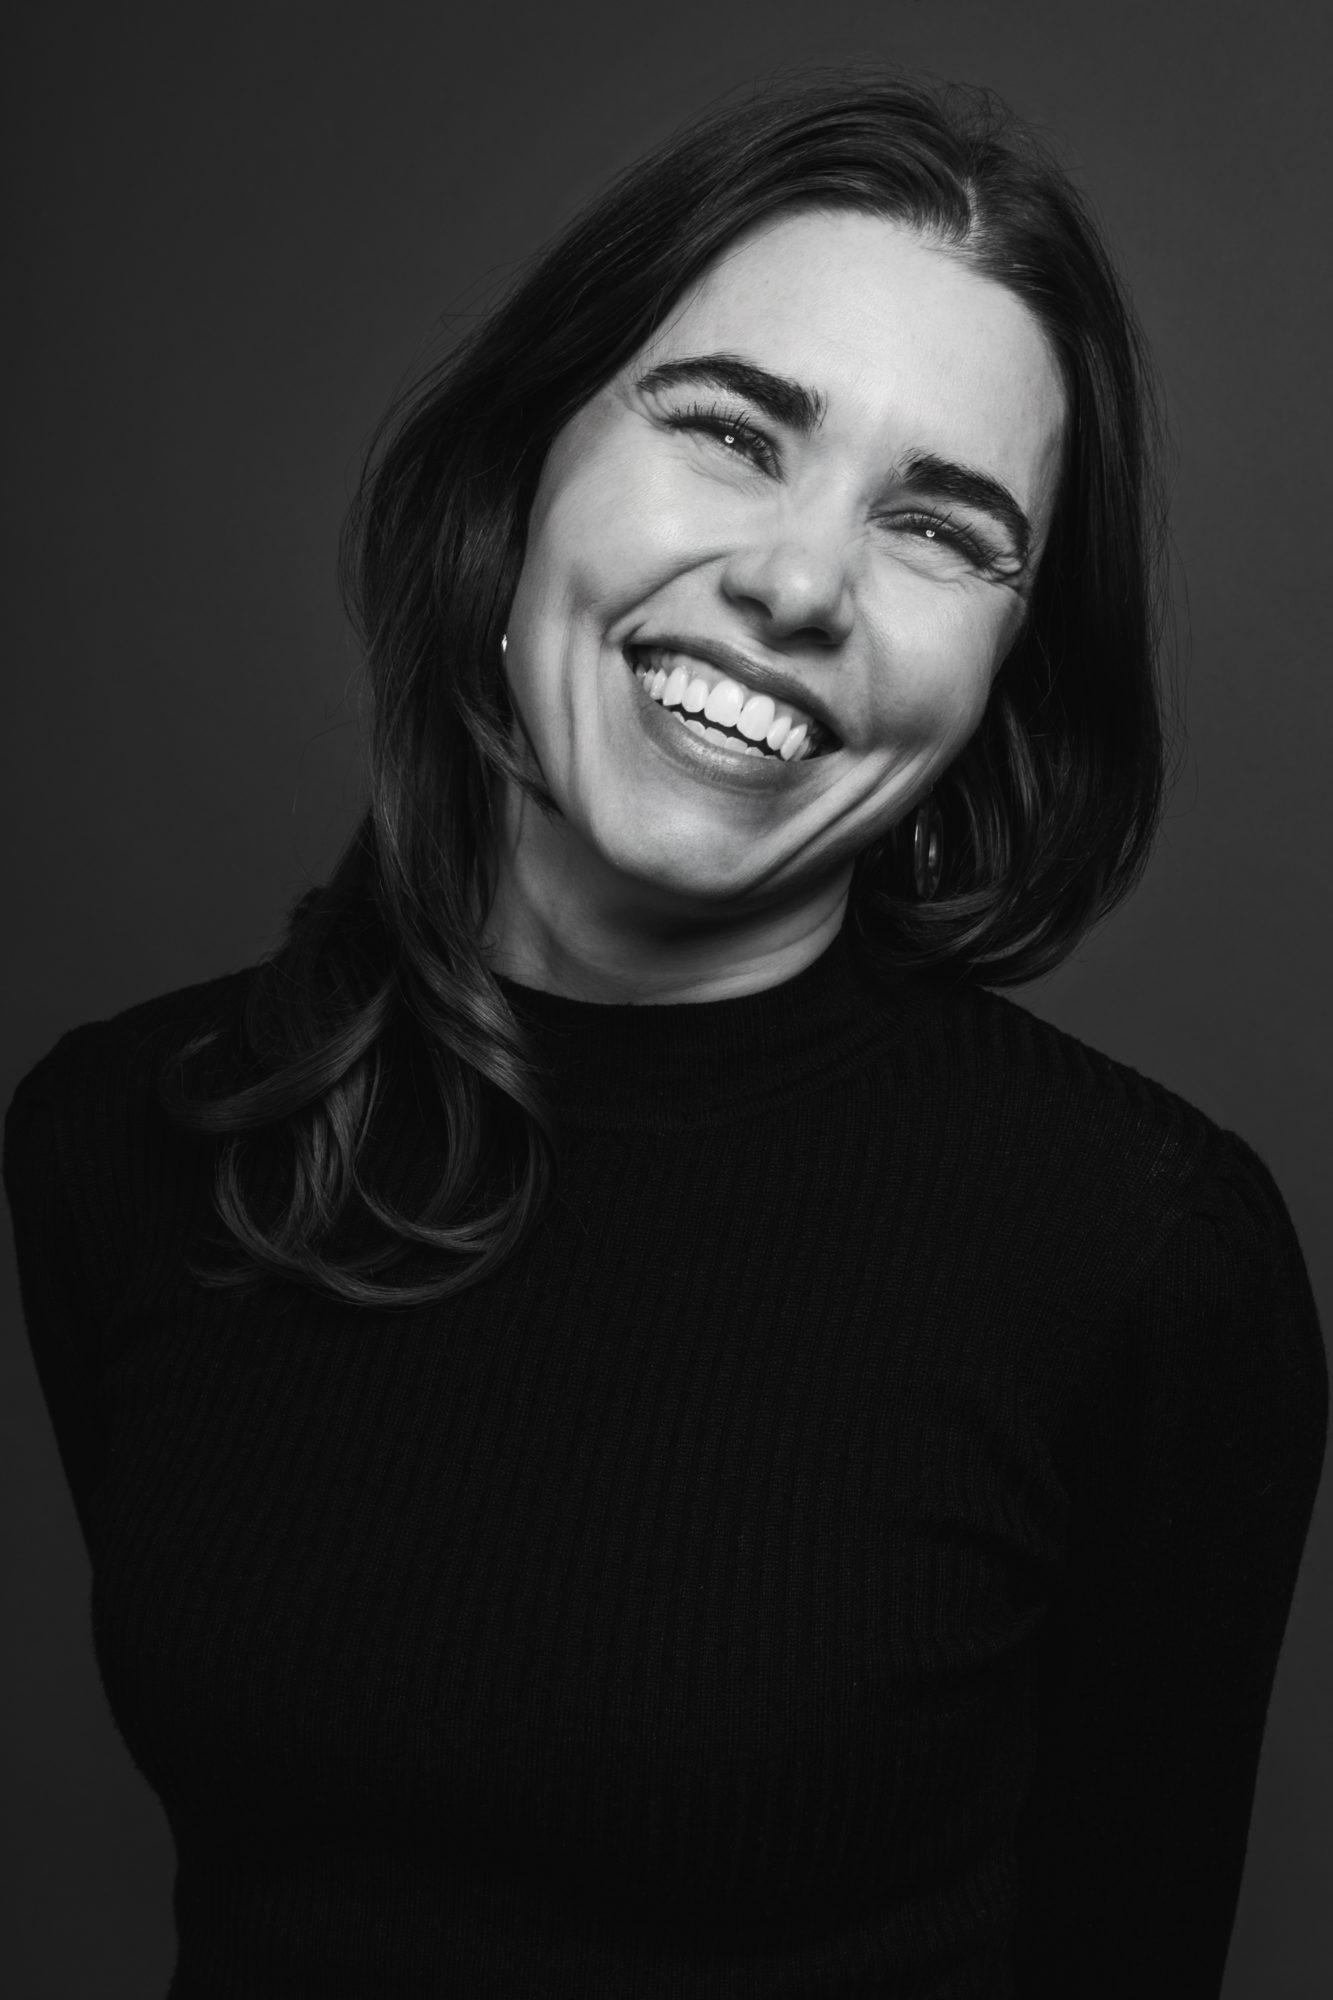 Karen Zelnick | 2021 40 Under 40